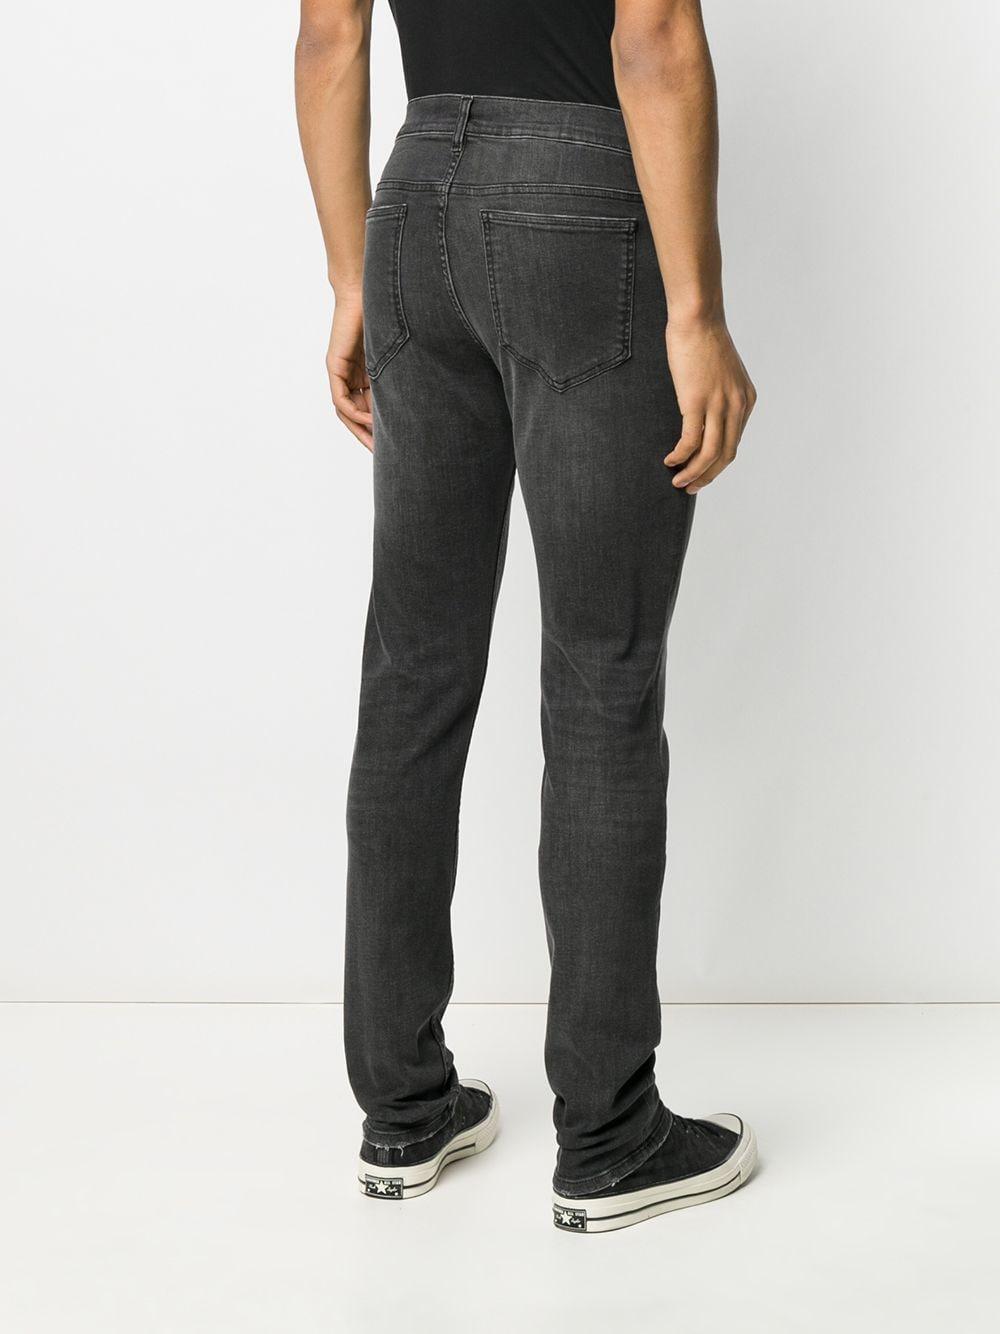 Moschino Denim Slim-fit Jeans in het Grijs voor heren